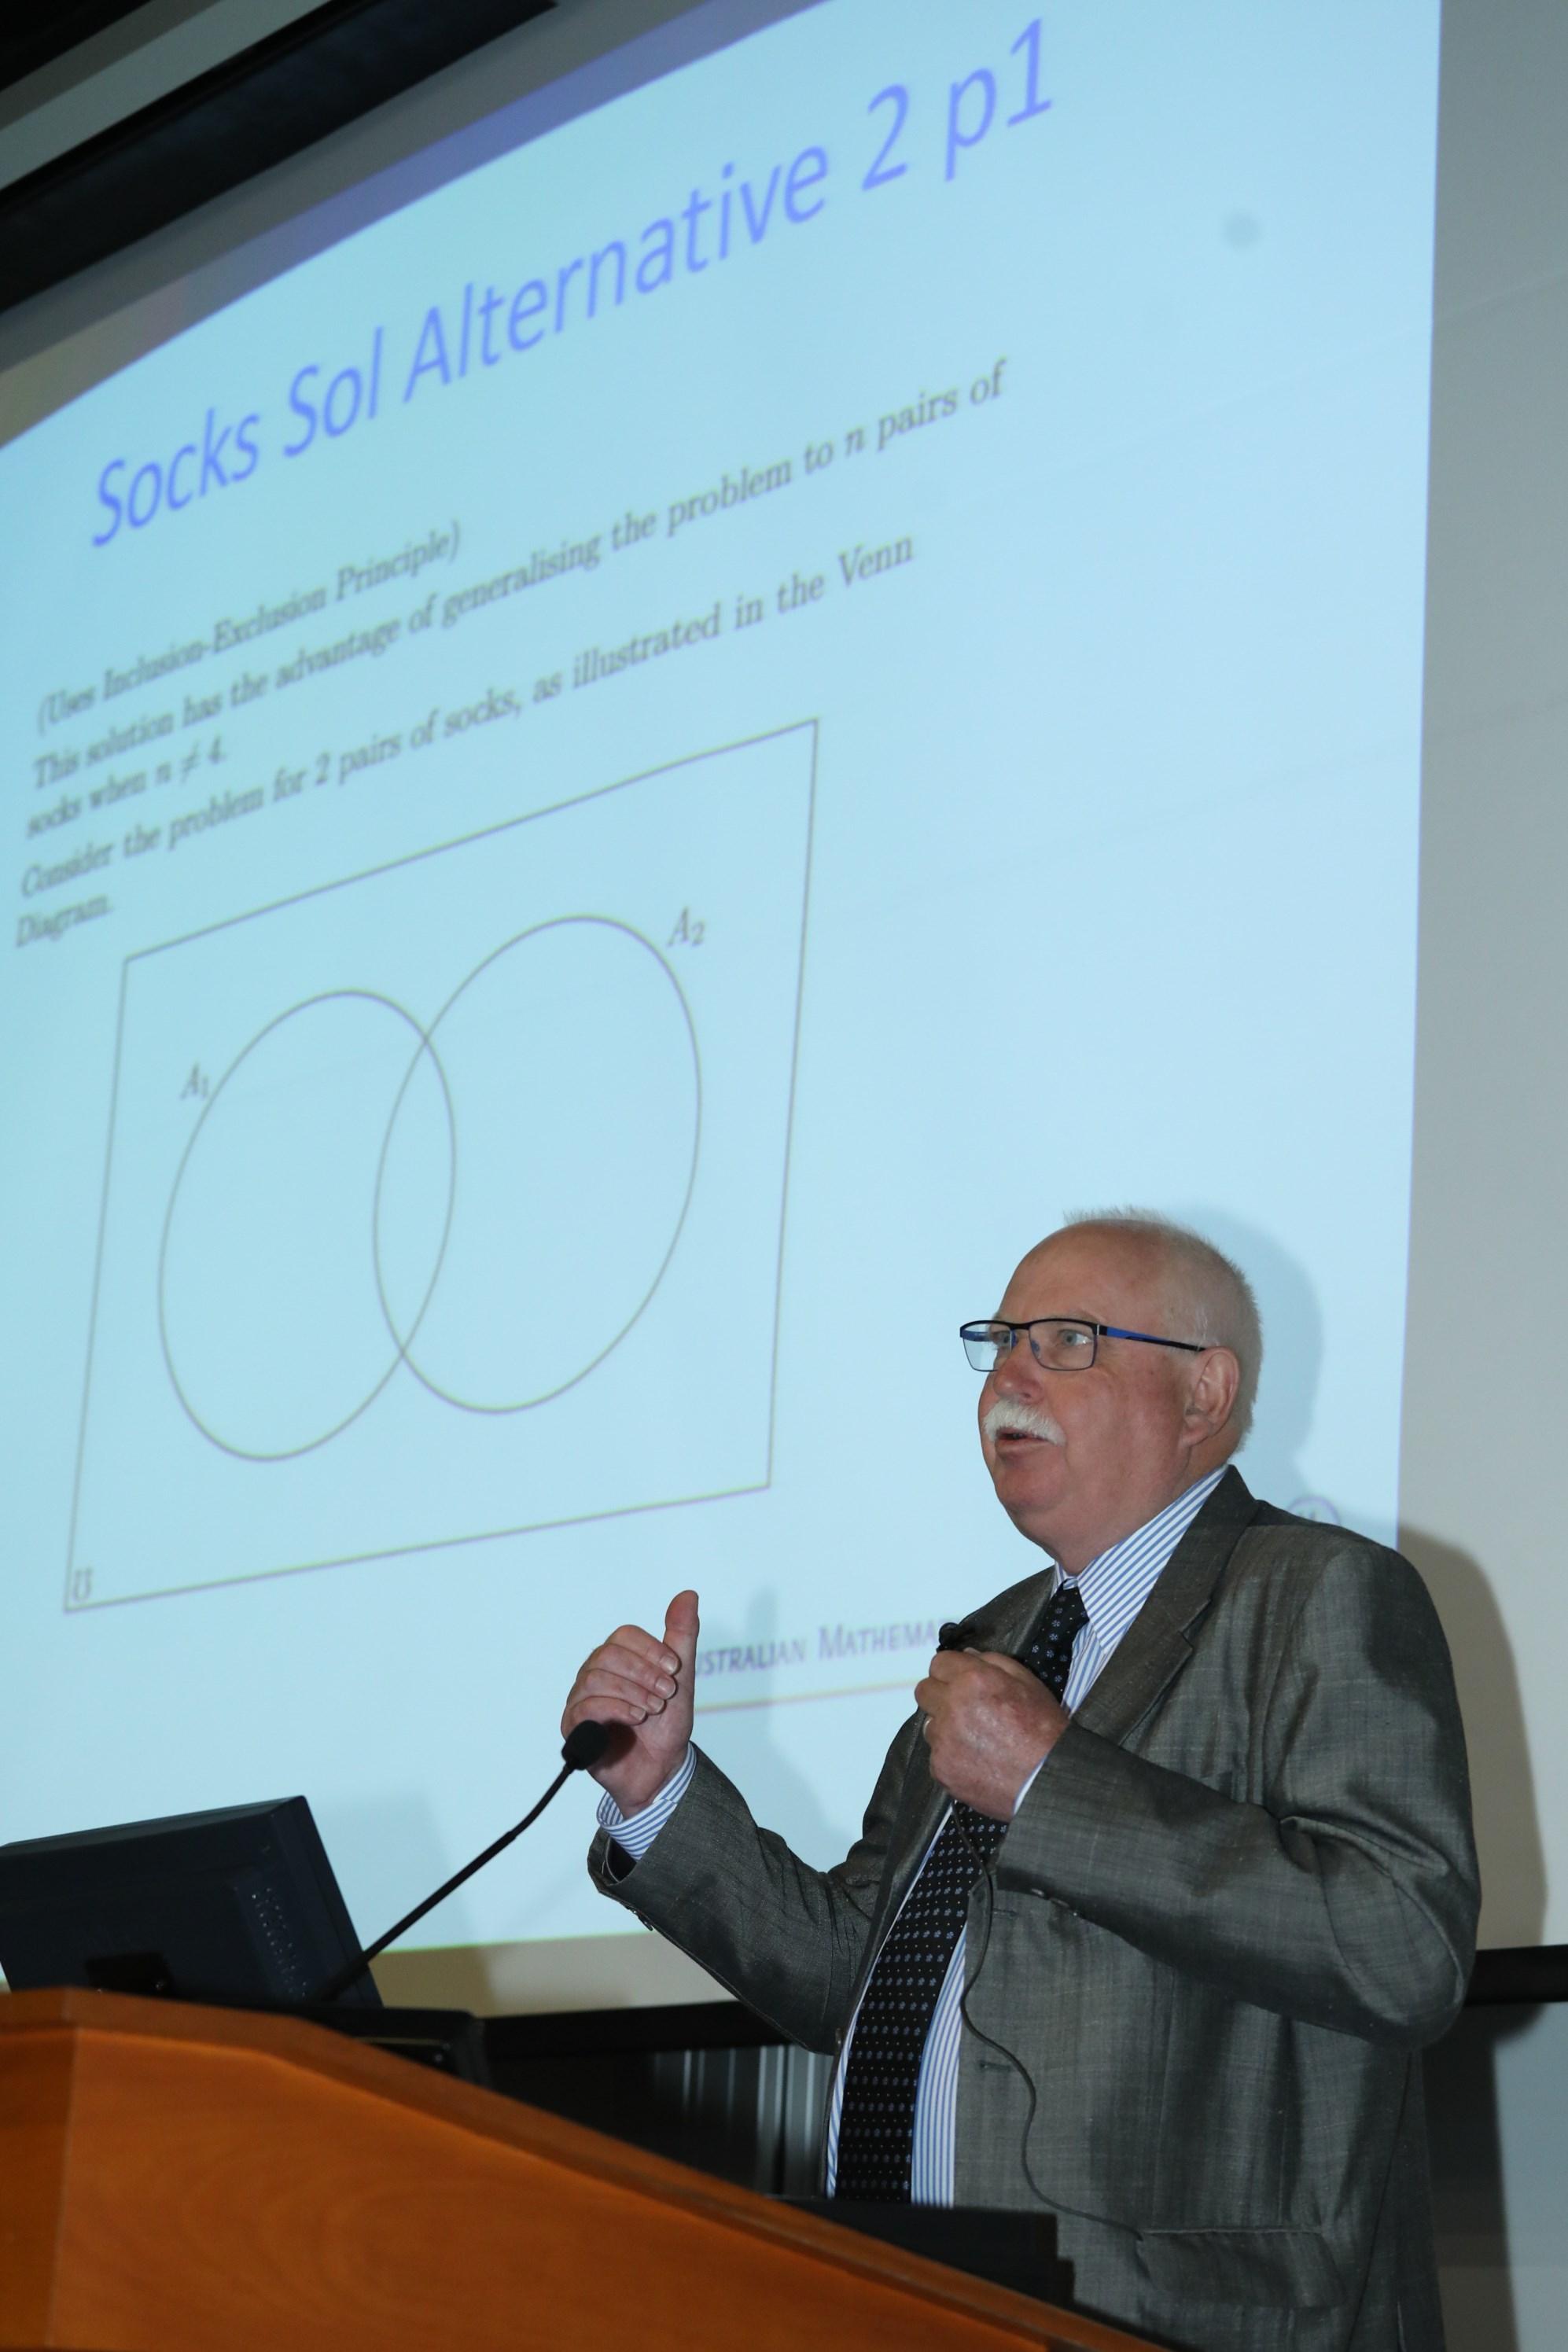 彼得泰勒教授以「中學數學中的一些有趣題目及資優教育中的一些經驗交流」作公開演講。